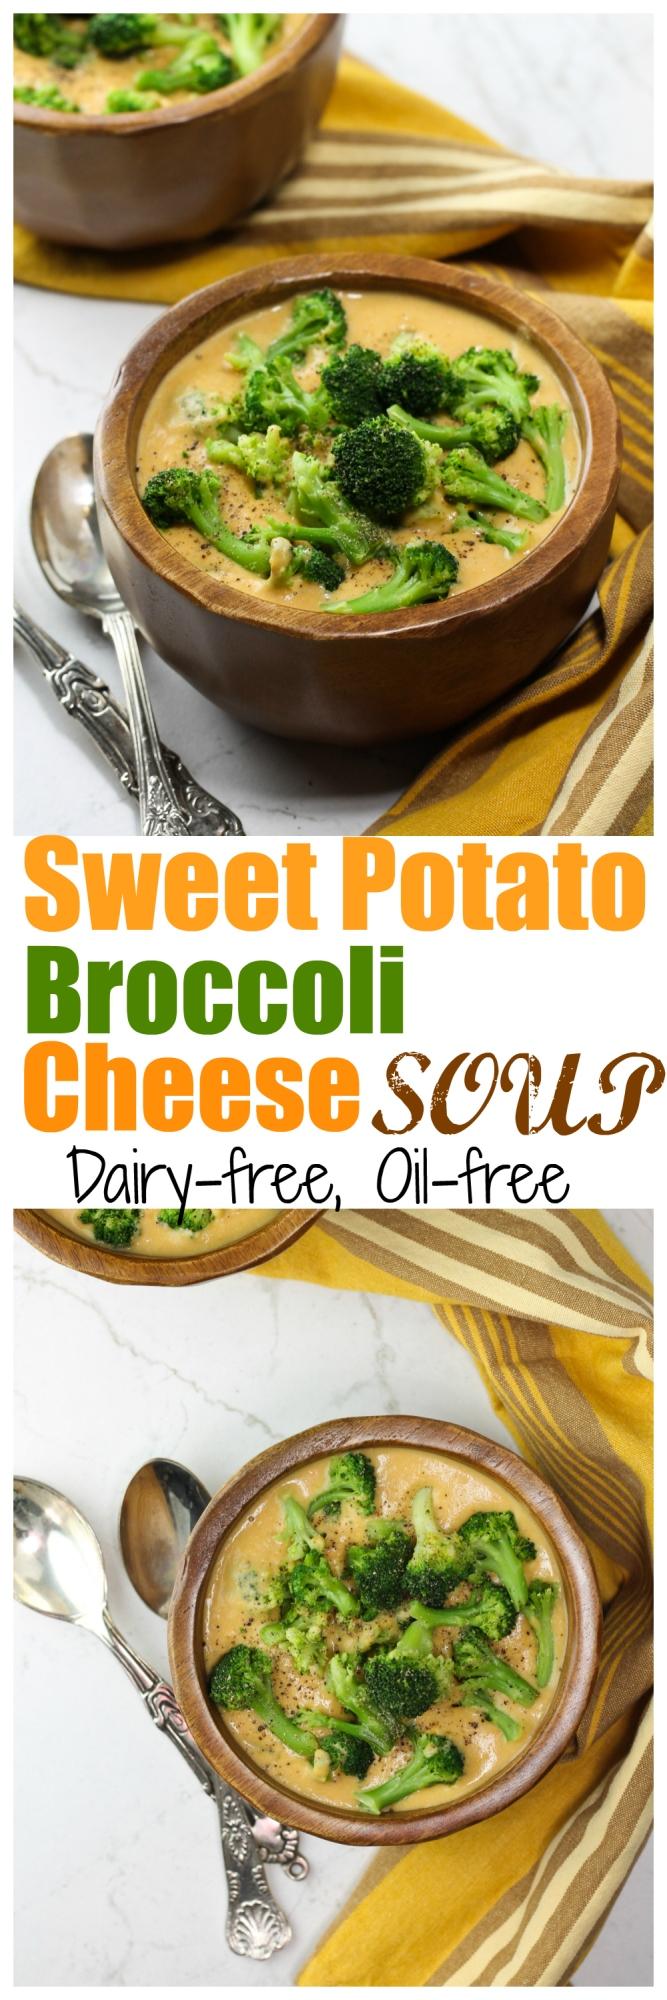 Sweet Potato Broccoli Cheese Soup